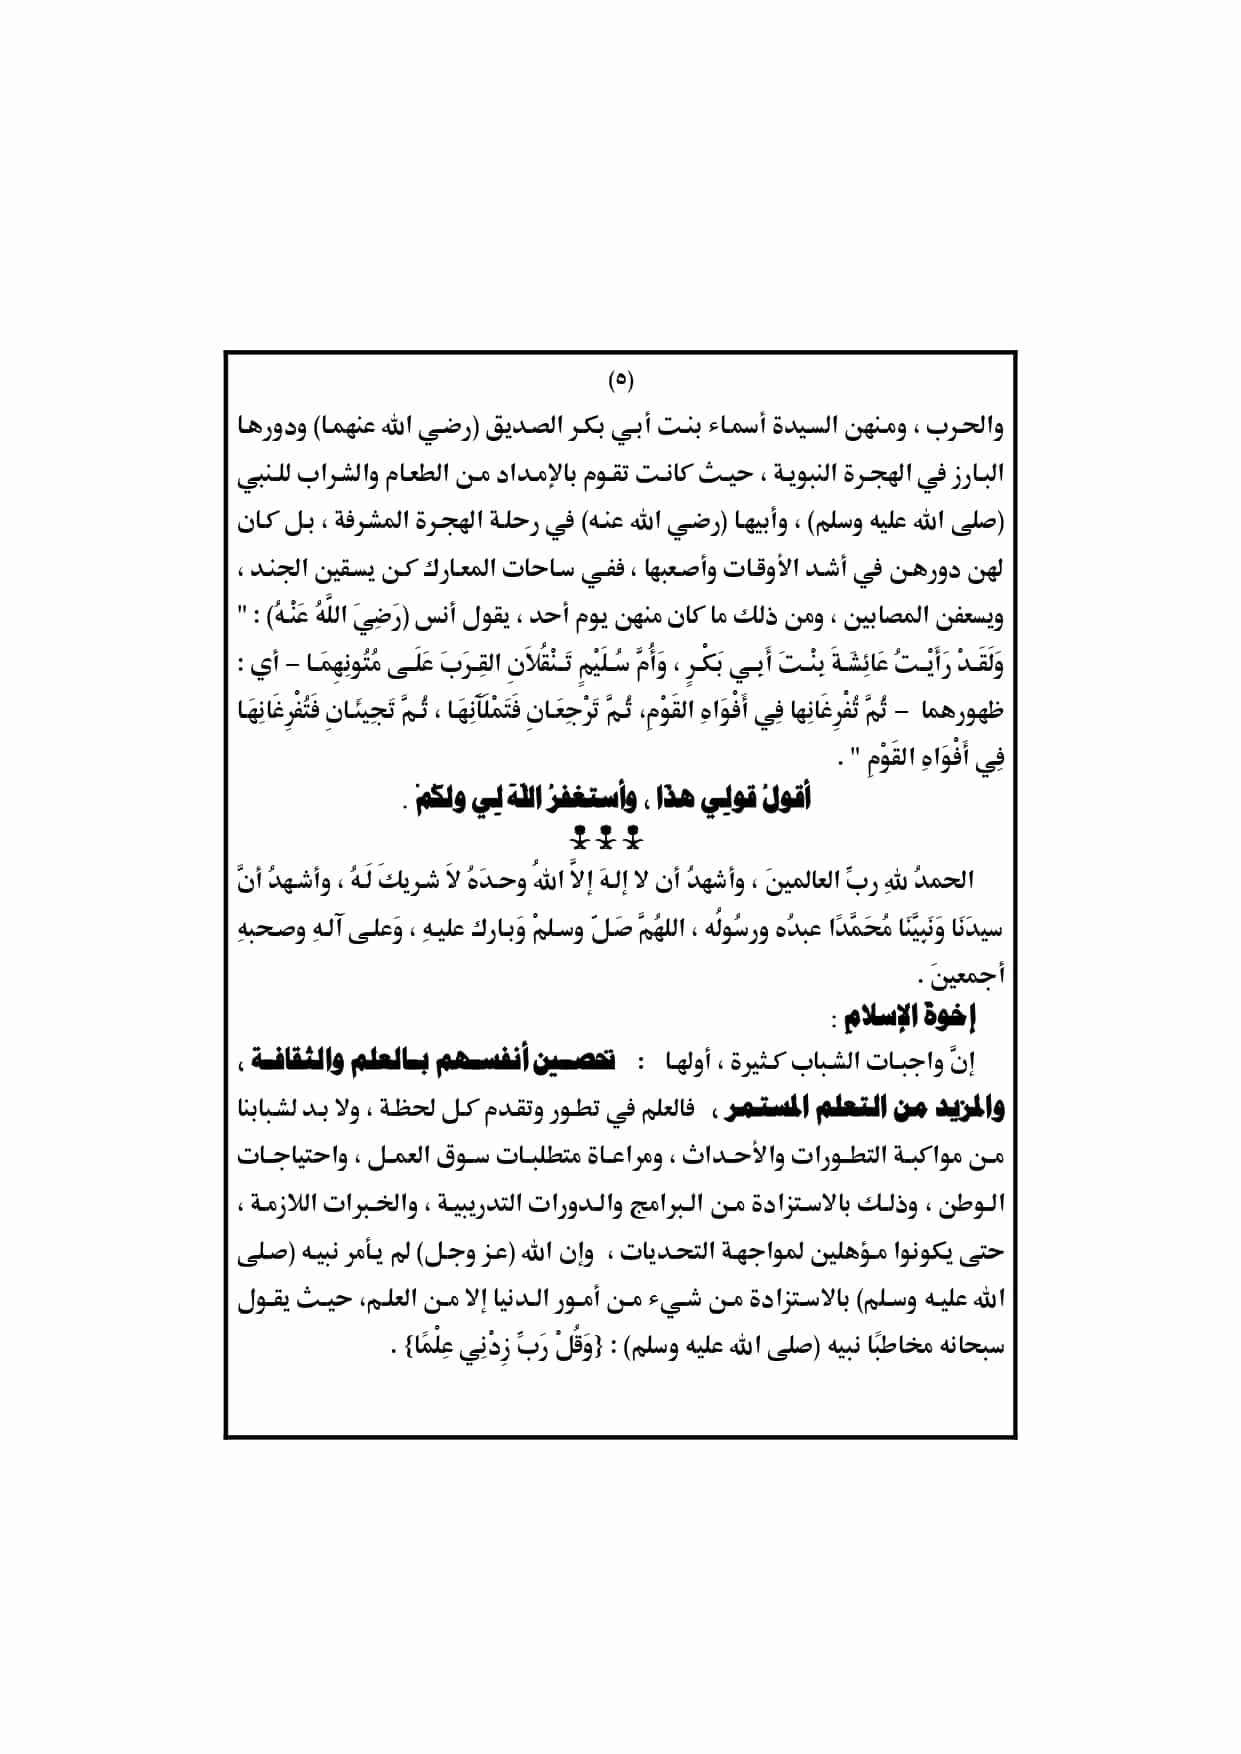 الخطبة الثانية : خطبة الجمعة القادمة لوزارة الأوقاف pdf : حقوق الشباب وواجباتهم، 20 ديسمبر 2019